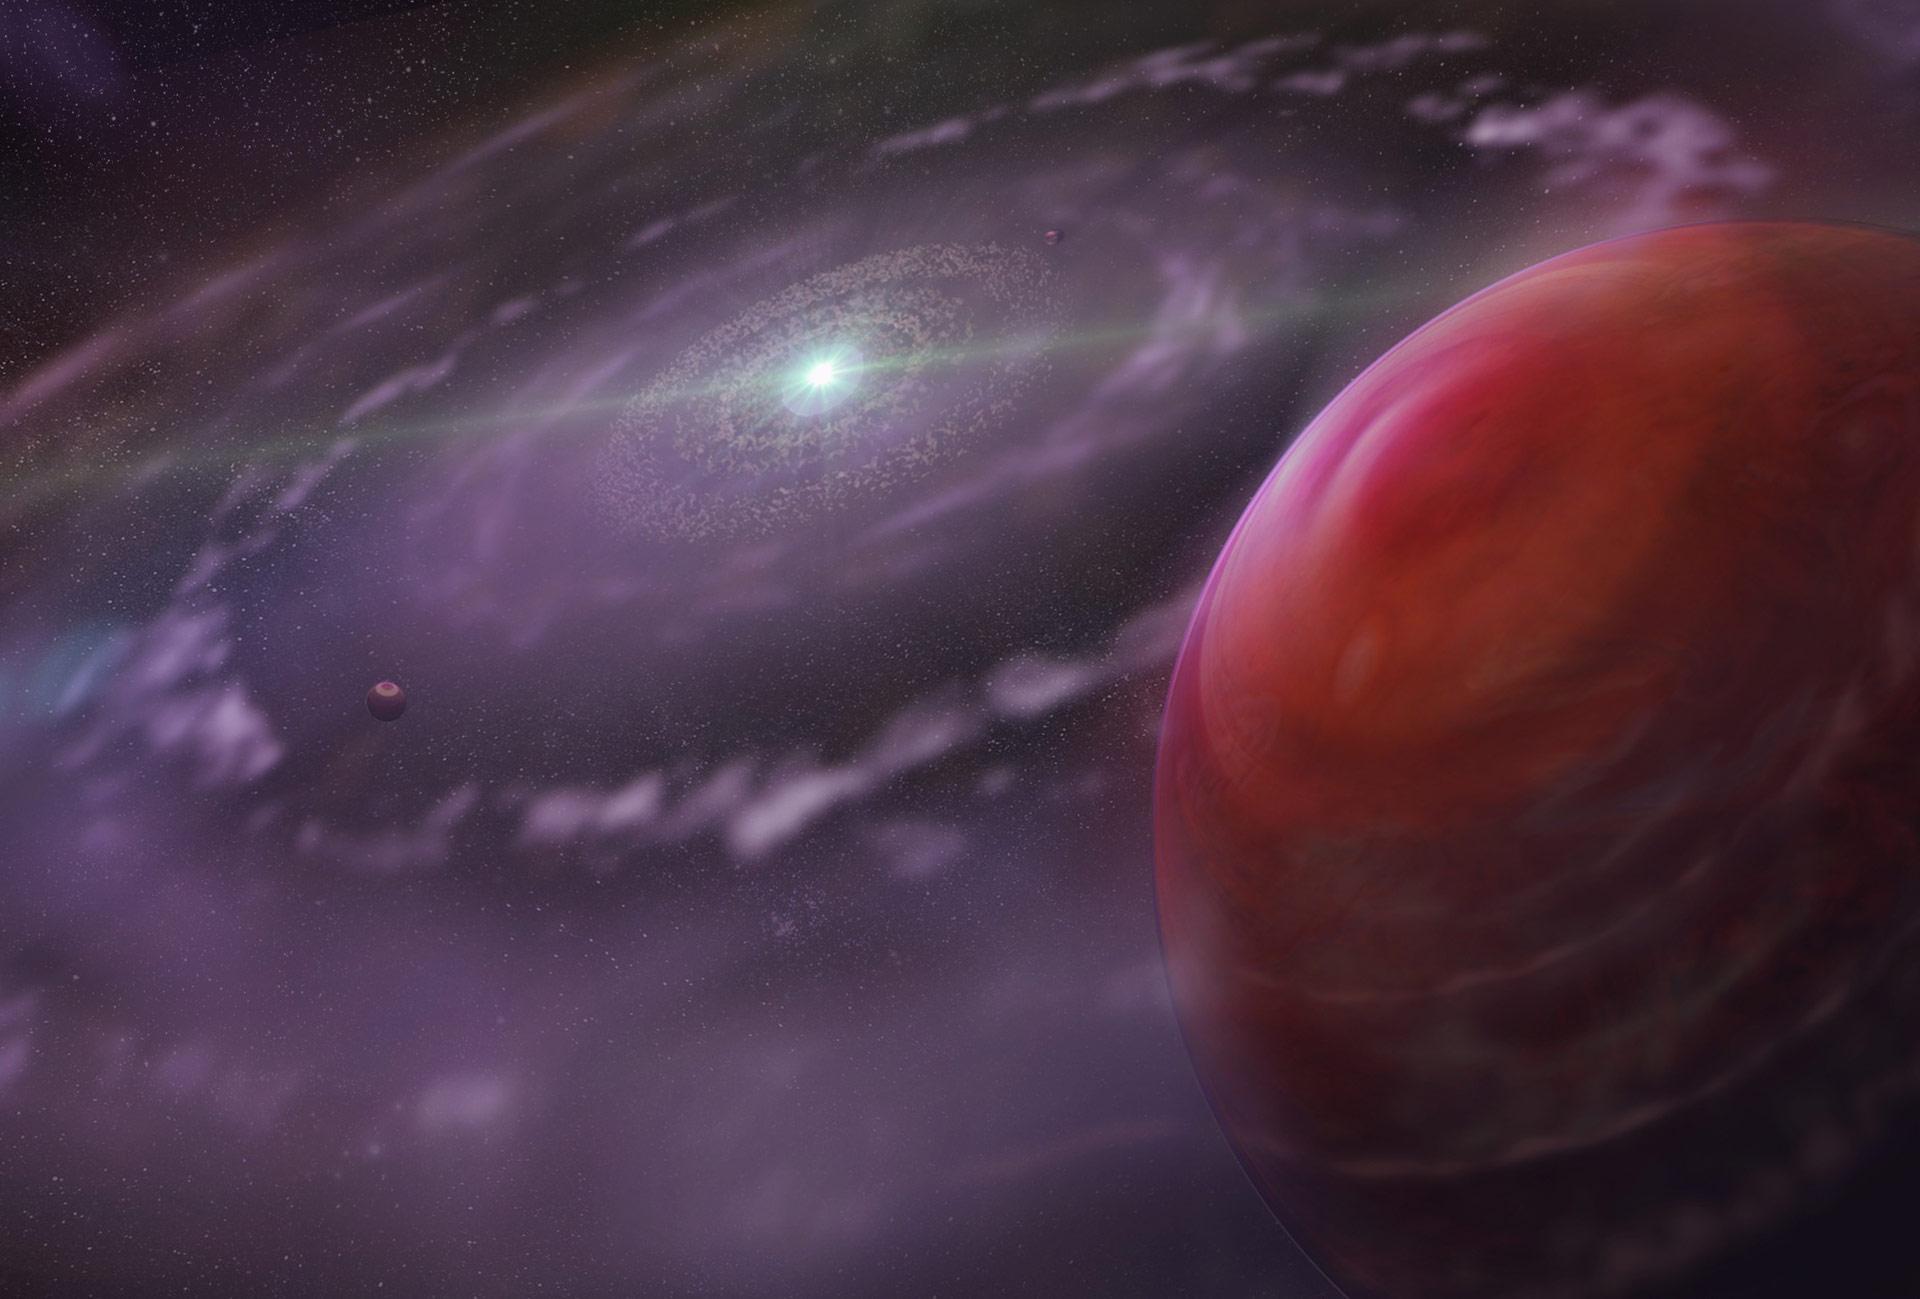 Изследователи наблюдаваха атмосферата на планета подобна на Юпитер отвъд нашата Соларна система.